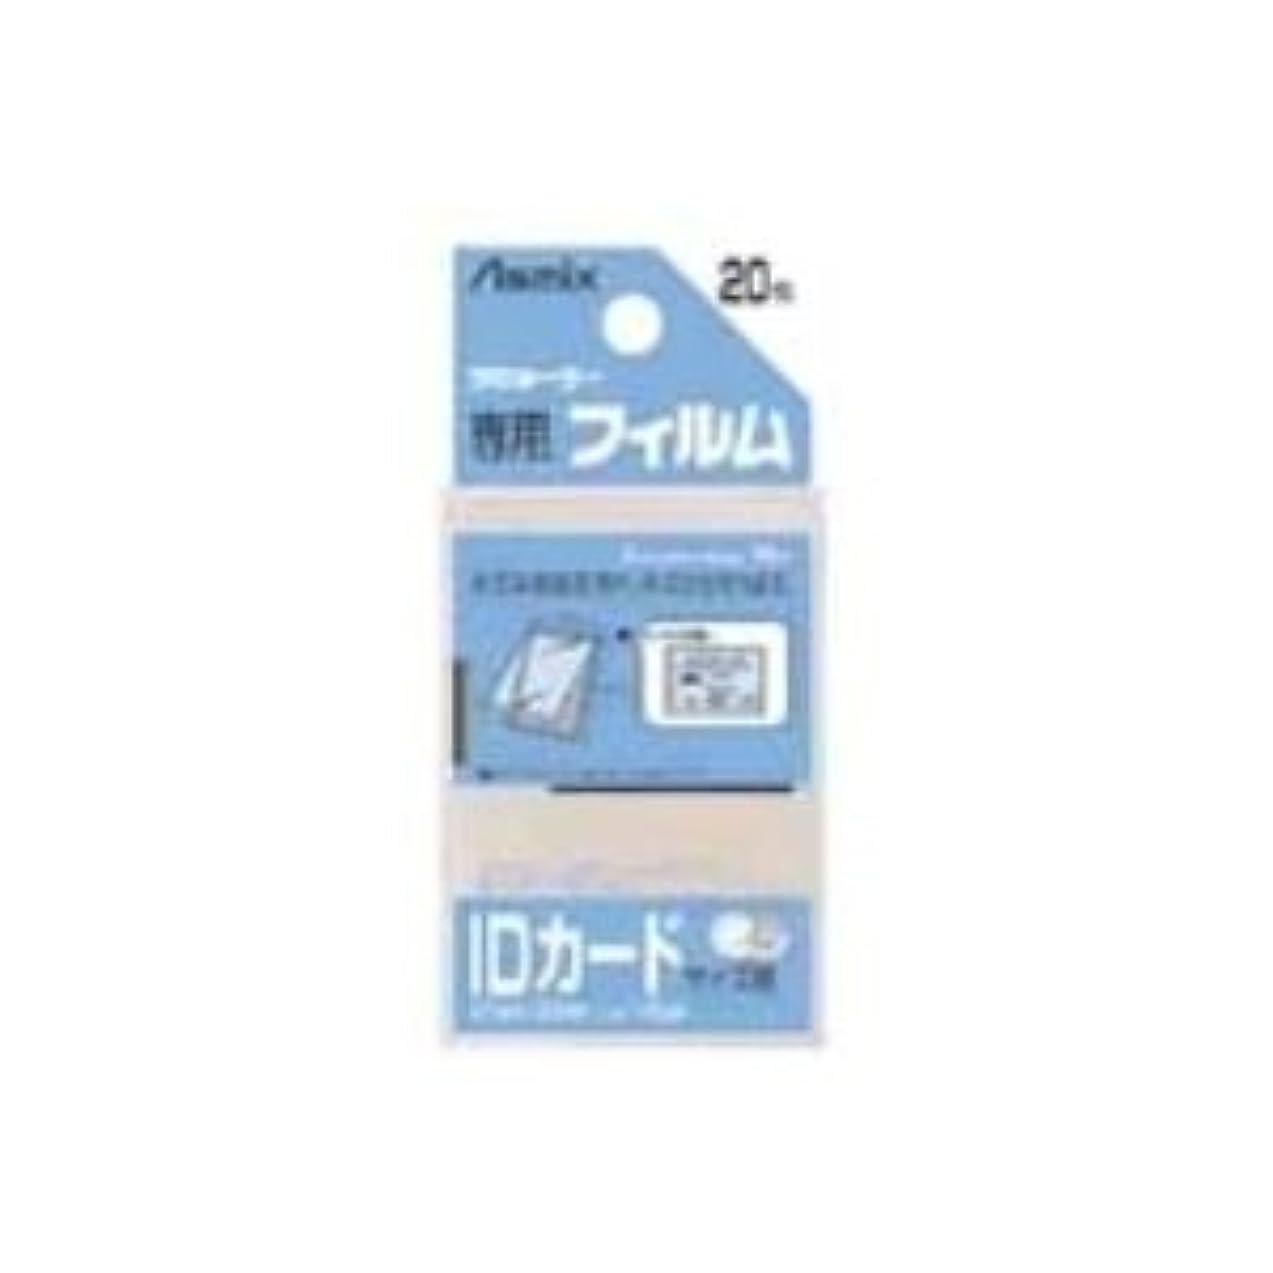 近傍例チャーム(業務用200セット) アスカ ラミネートフィルム BH-125 IDサイズ 20枚 ds-1741409